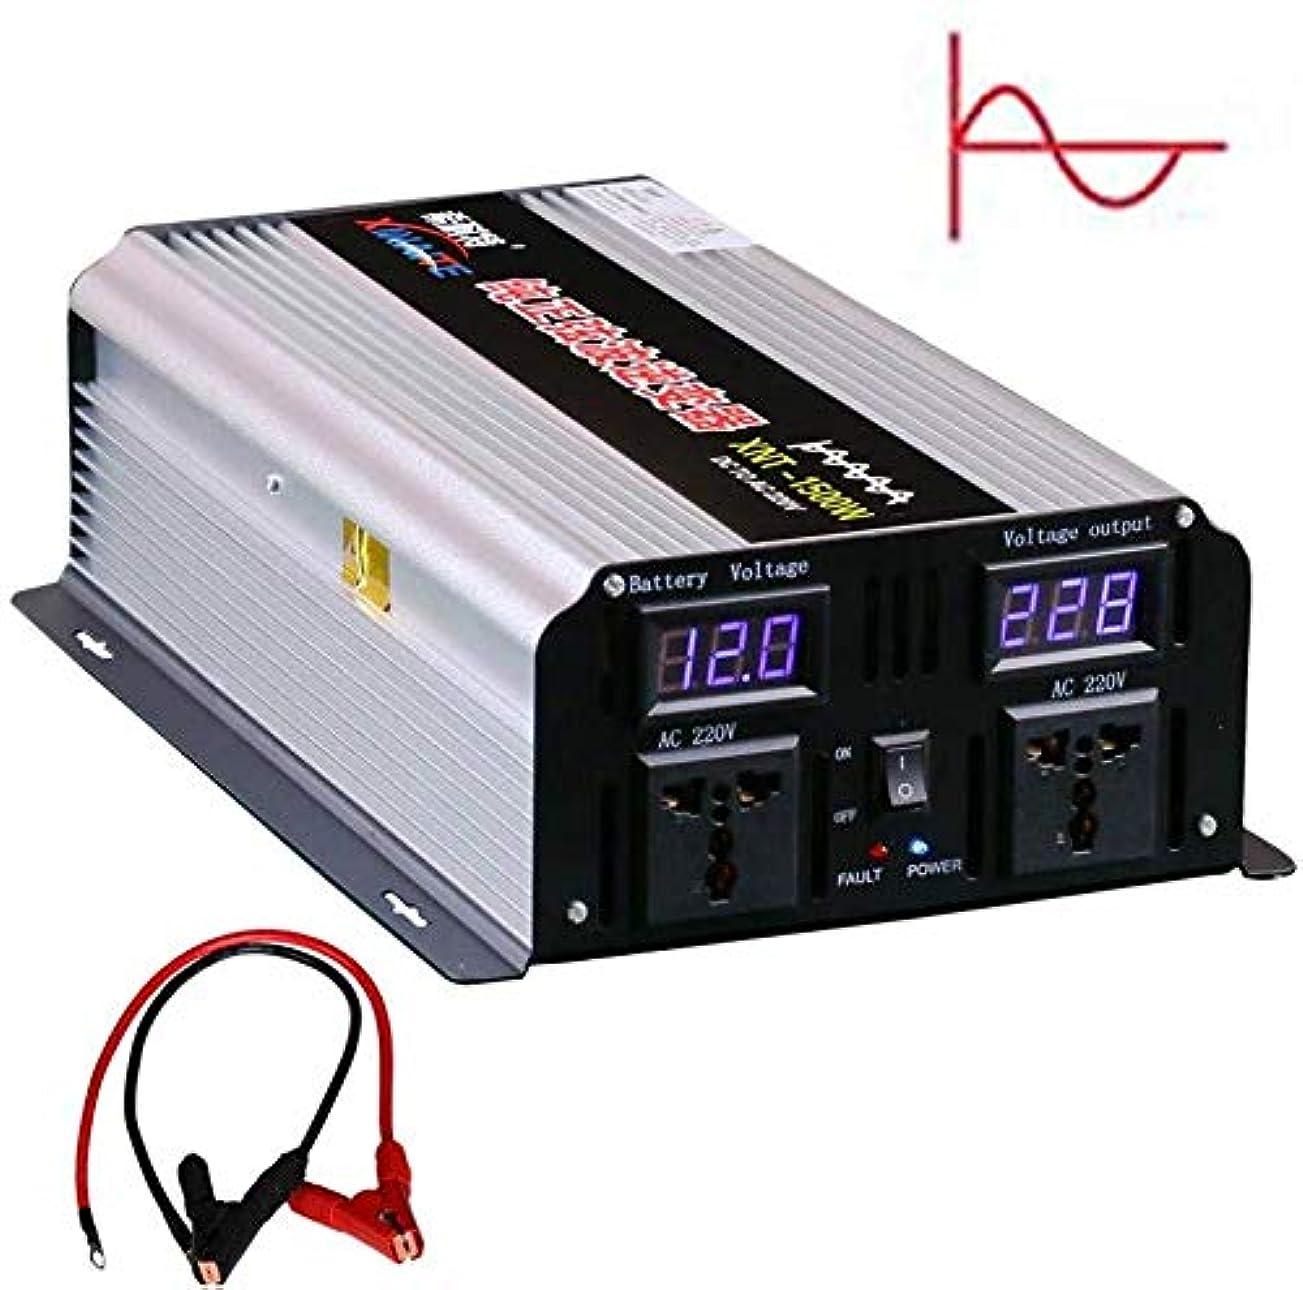 不信苗必要ないQIAOFEI-NBQ 車のポータブルキットの純粋な正弦波インバーター1500W(ピーク3000W)、AC 220V 230V電圧コンバーターへのDC 12V、旅行キャンプのための普遍的なソケットインバーター、12v (Color : 24v)